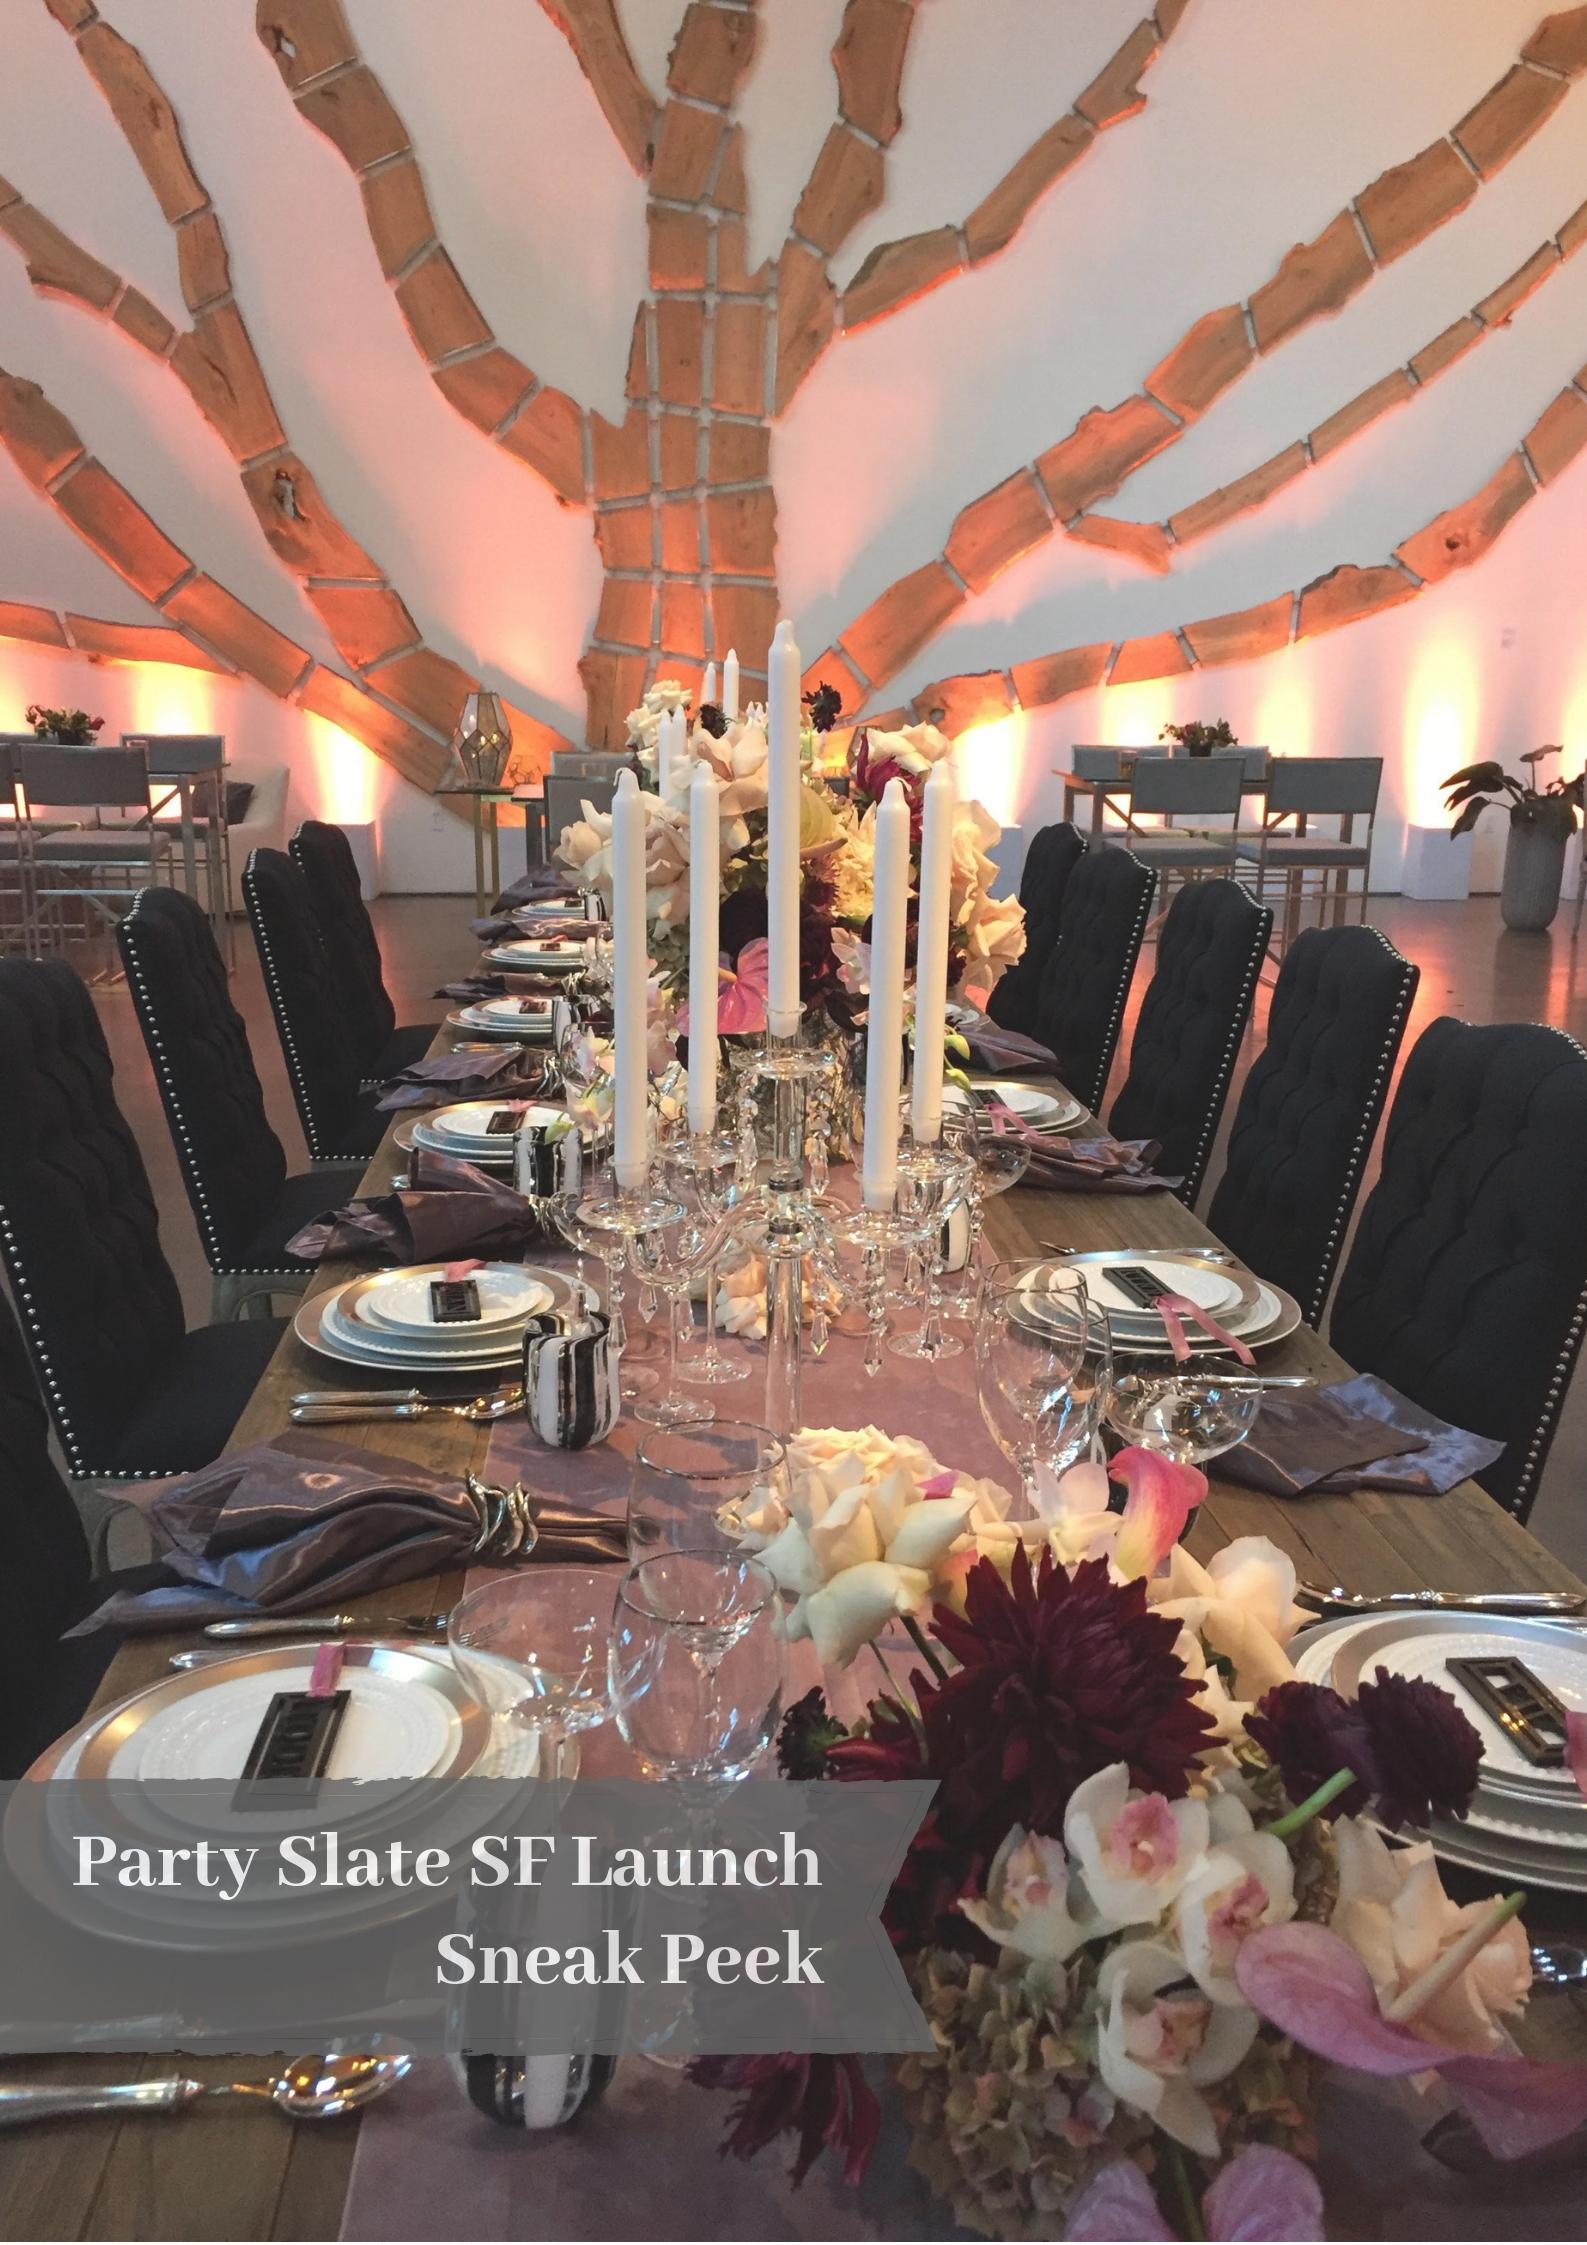 Party Slate SF Launch Sneak Peek.jpg